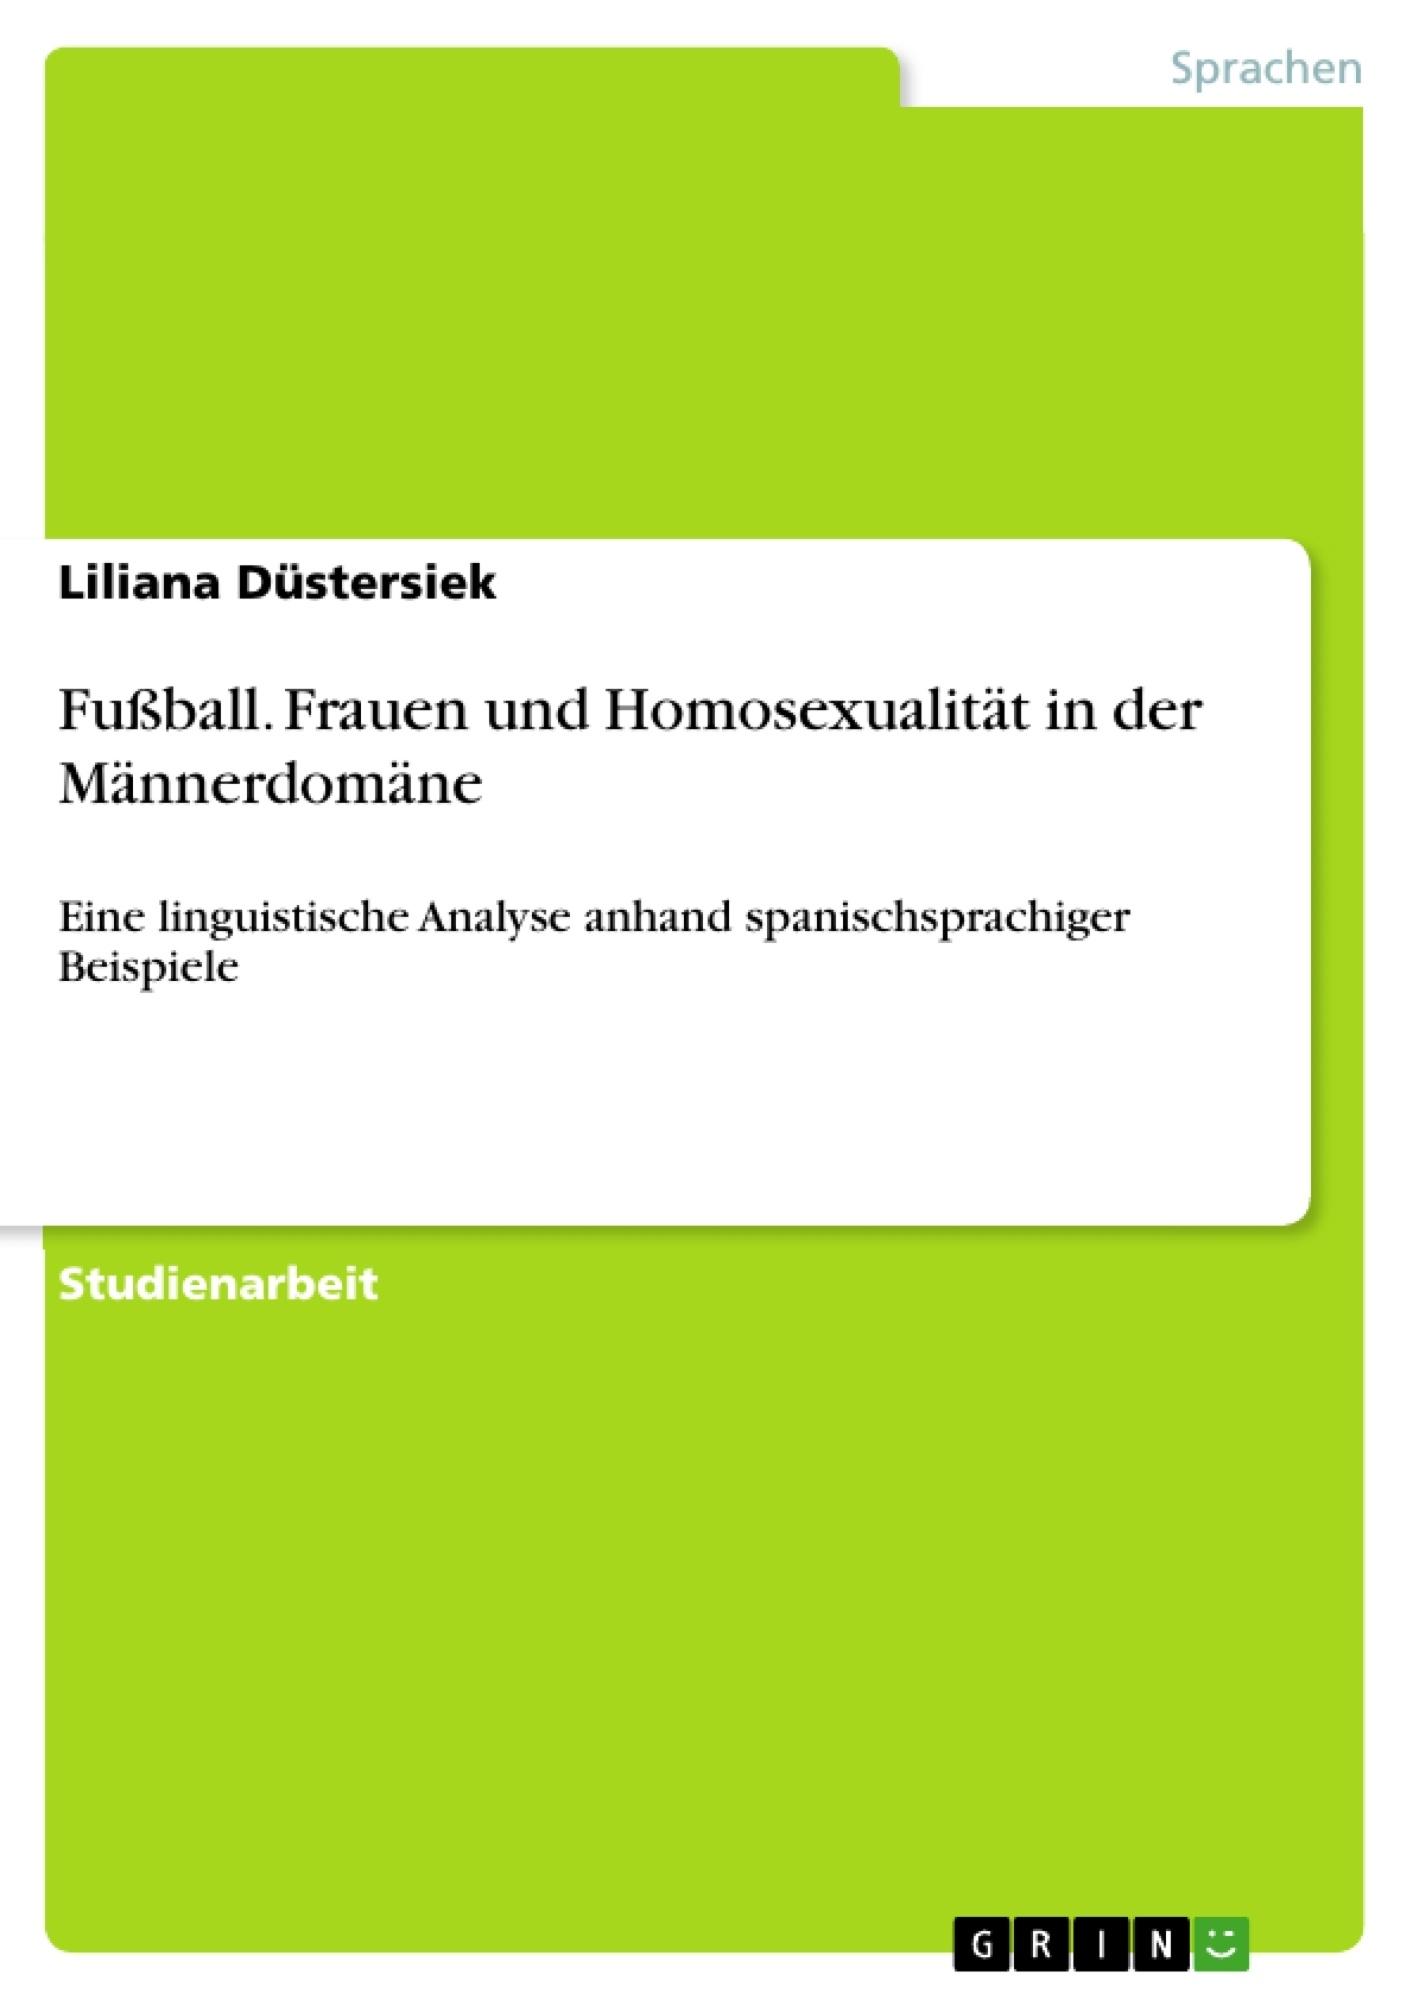 Titel: Fußball. Frauen und Homosexualität in der Männerdomäne